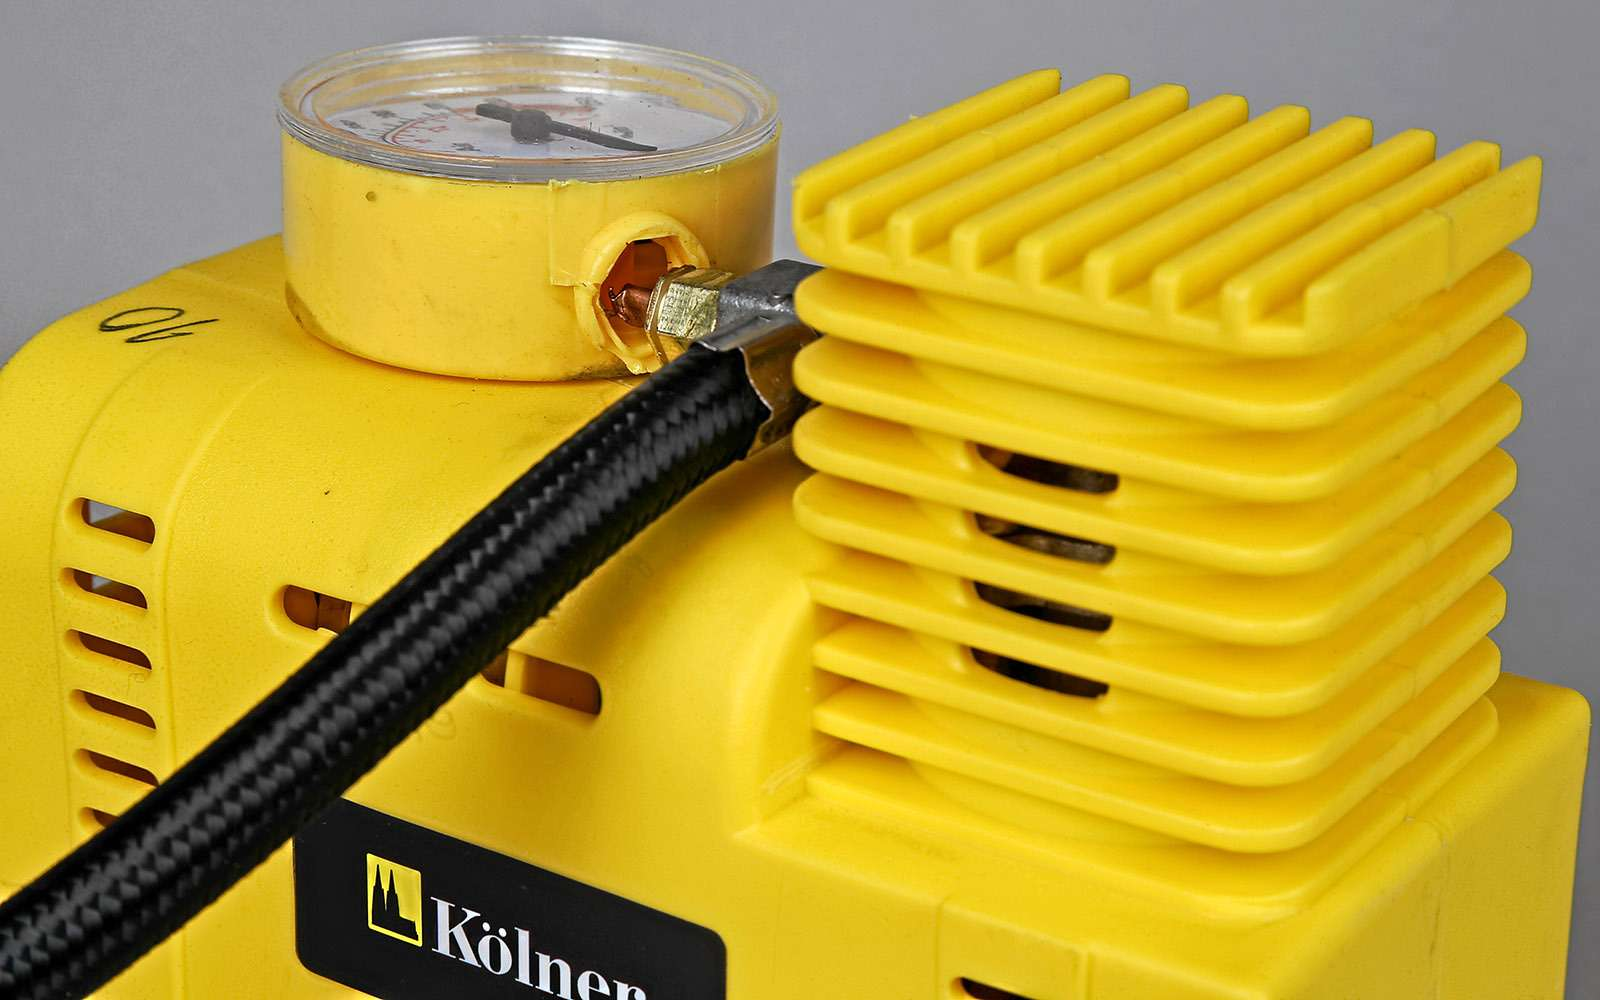 Тест бюджетных шинных компрессоров: неправильные пчелы— фото 708496